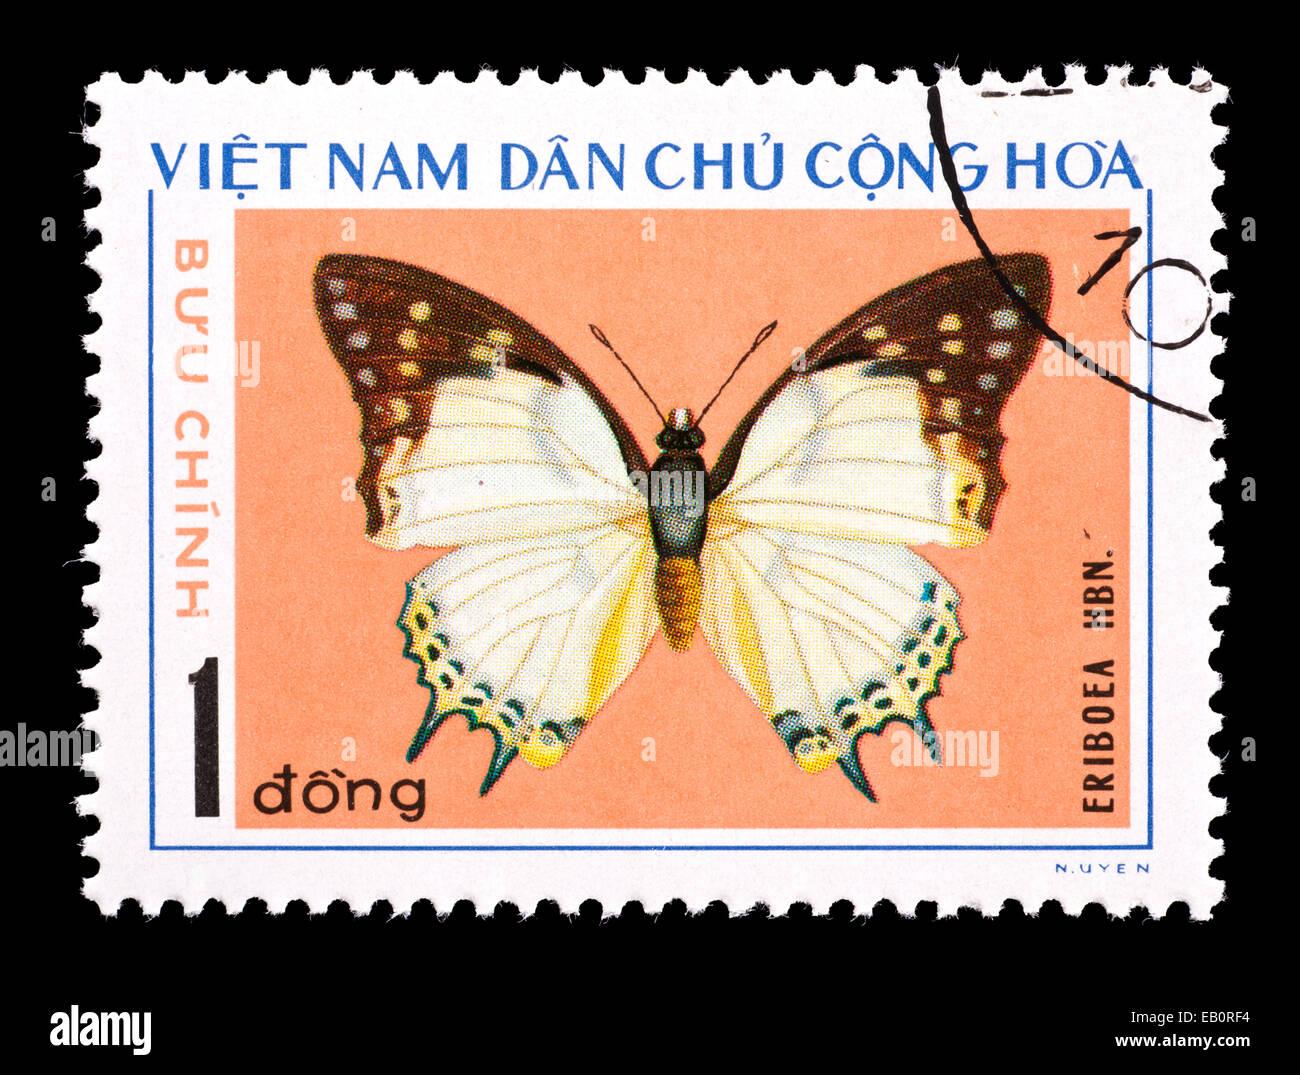 Briefmarke Aus Vietnam Die Darstellung Einer Eriboea Arten Schmetterling Stockbild